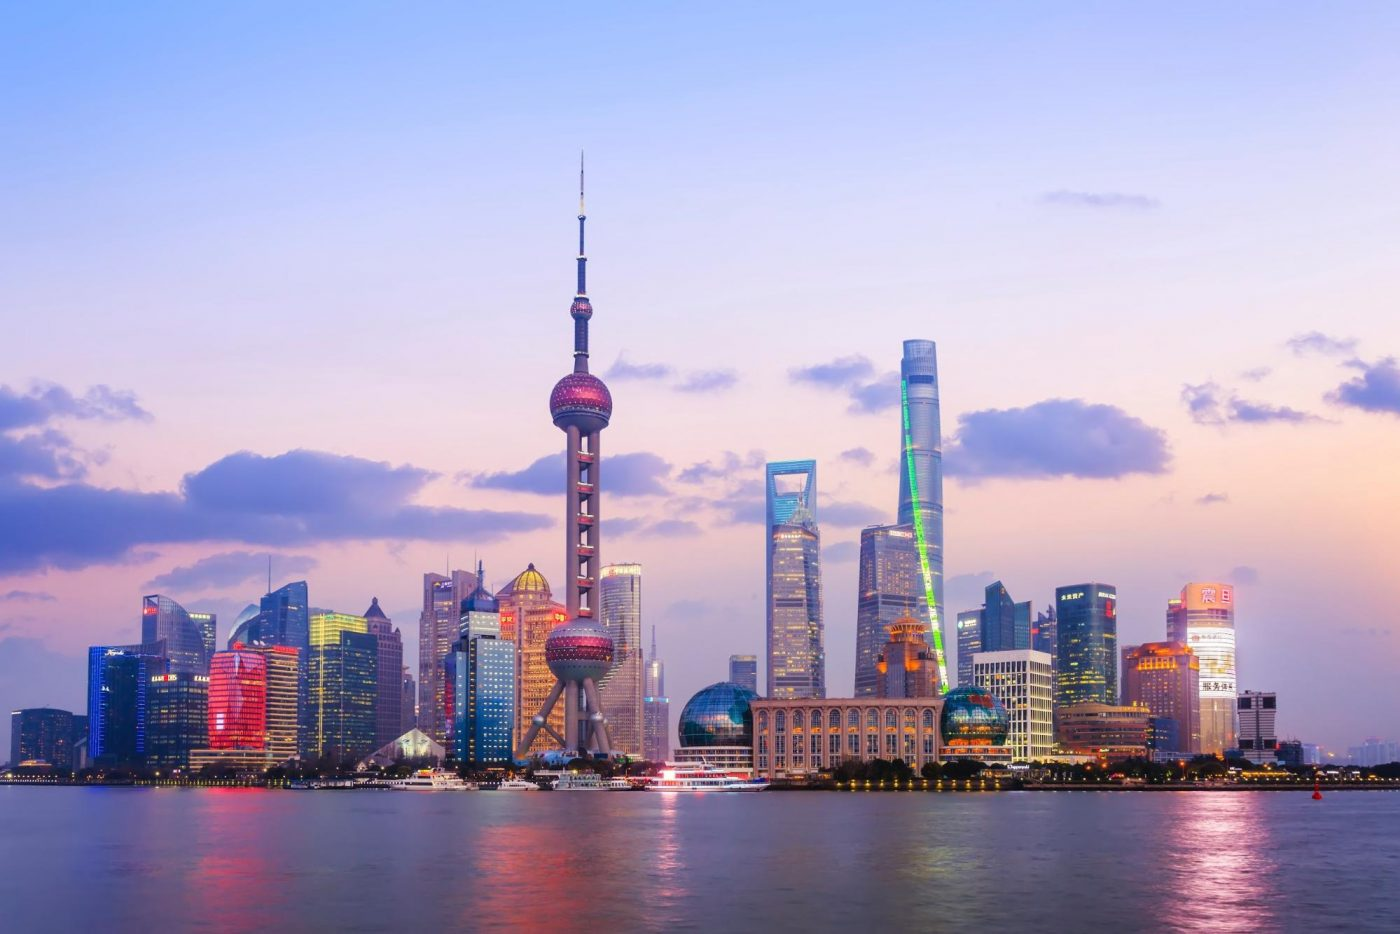 アメリカでスタートアップやVCの最新動向をリポートするリサーチ会社、CB Insightsによると、現在、世界中で300社強のスタートアップがユニコーンの仲間入りを果たしている。そのうち、約半数をアメリカのスタートアップが占め、2番目に大きなシェアとなる26.5%を中国のスタートアップが占める。